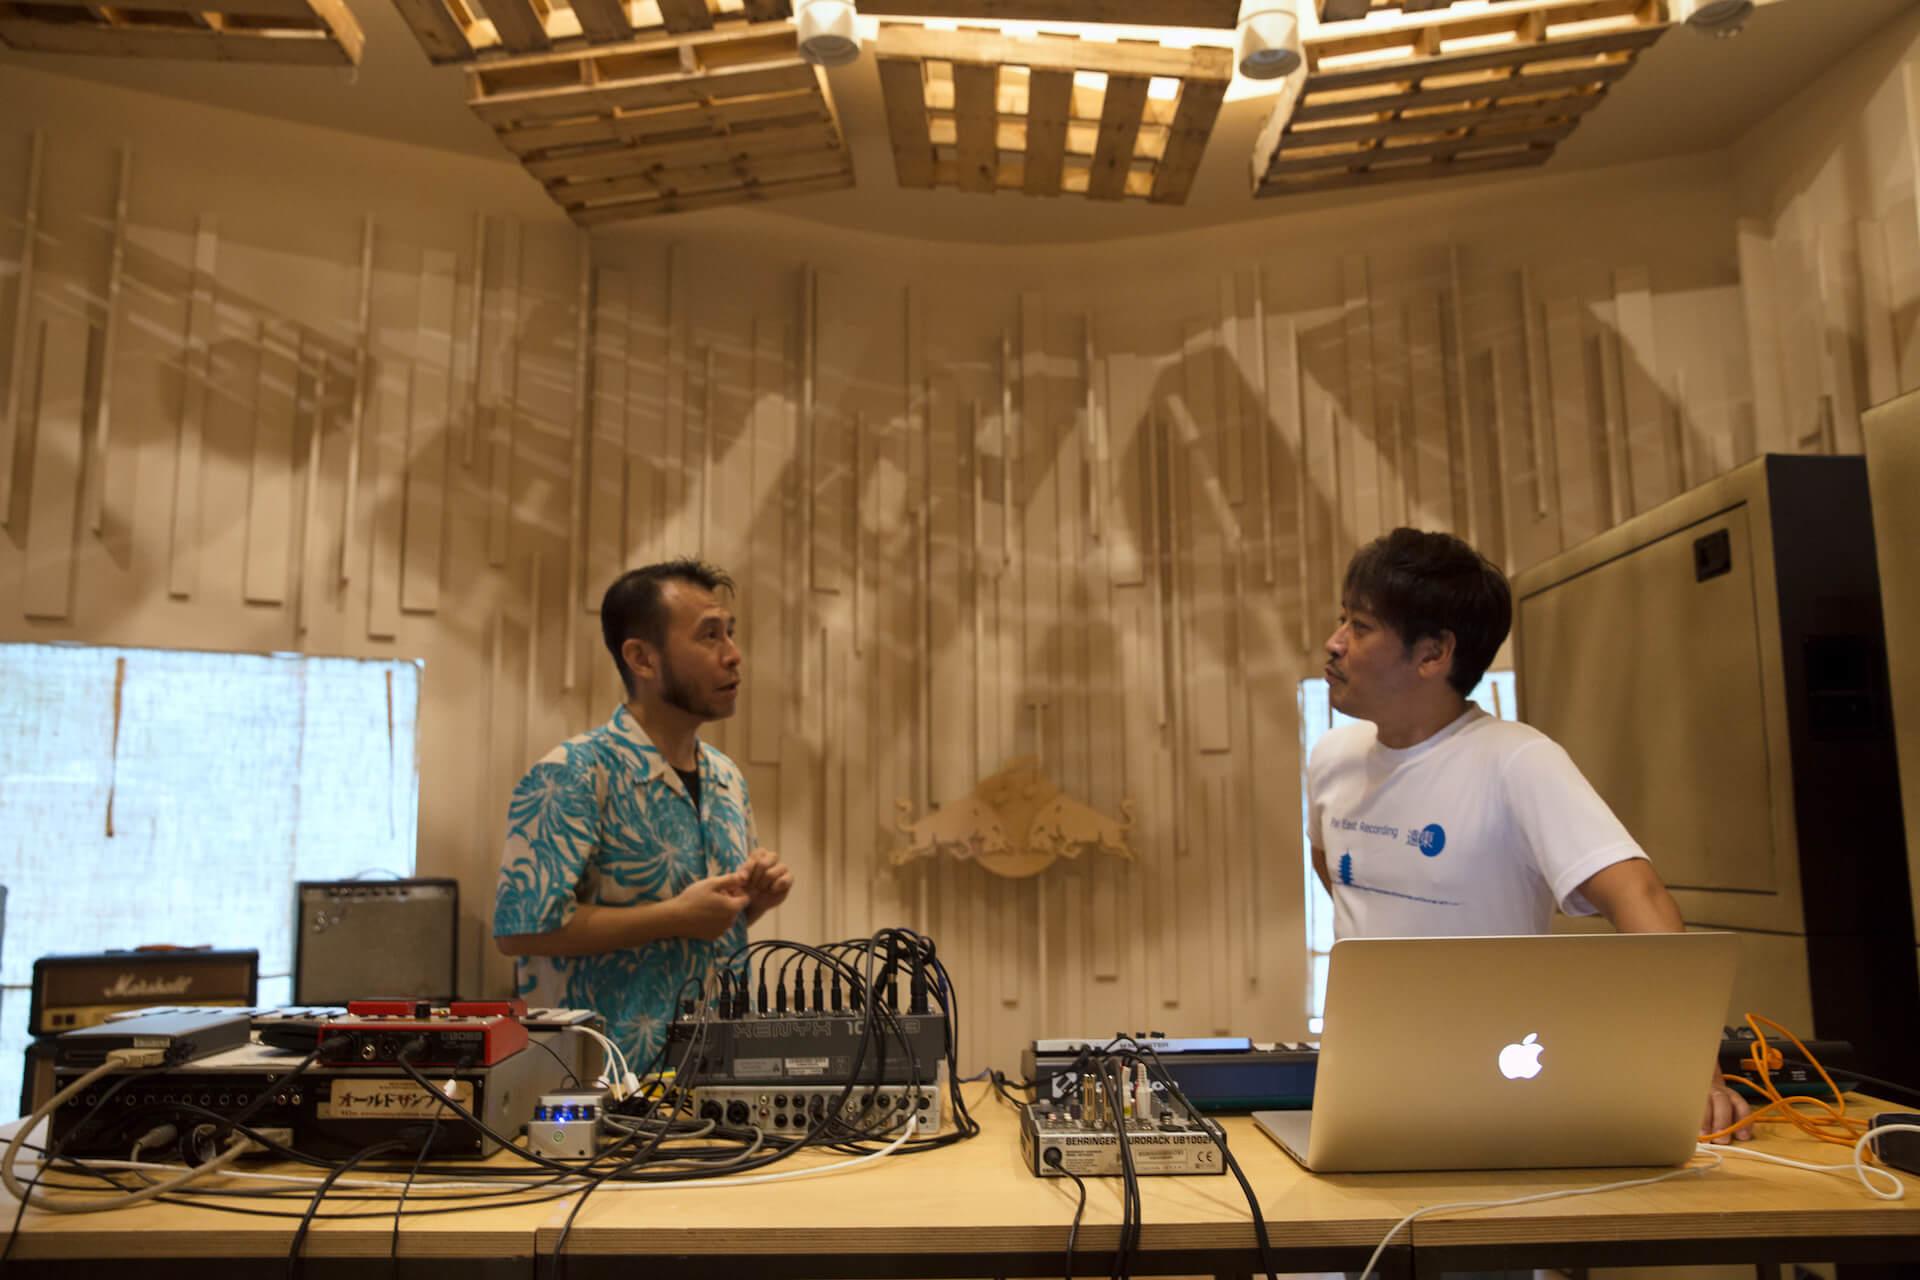 フォトレポ|ハウスシーンで歴史的事件となるSoichi Terada × Shinichiro Yokotaの再会 interview180912-kewl-soichi-terada-shinichiro-yokota-6-1